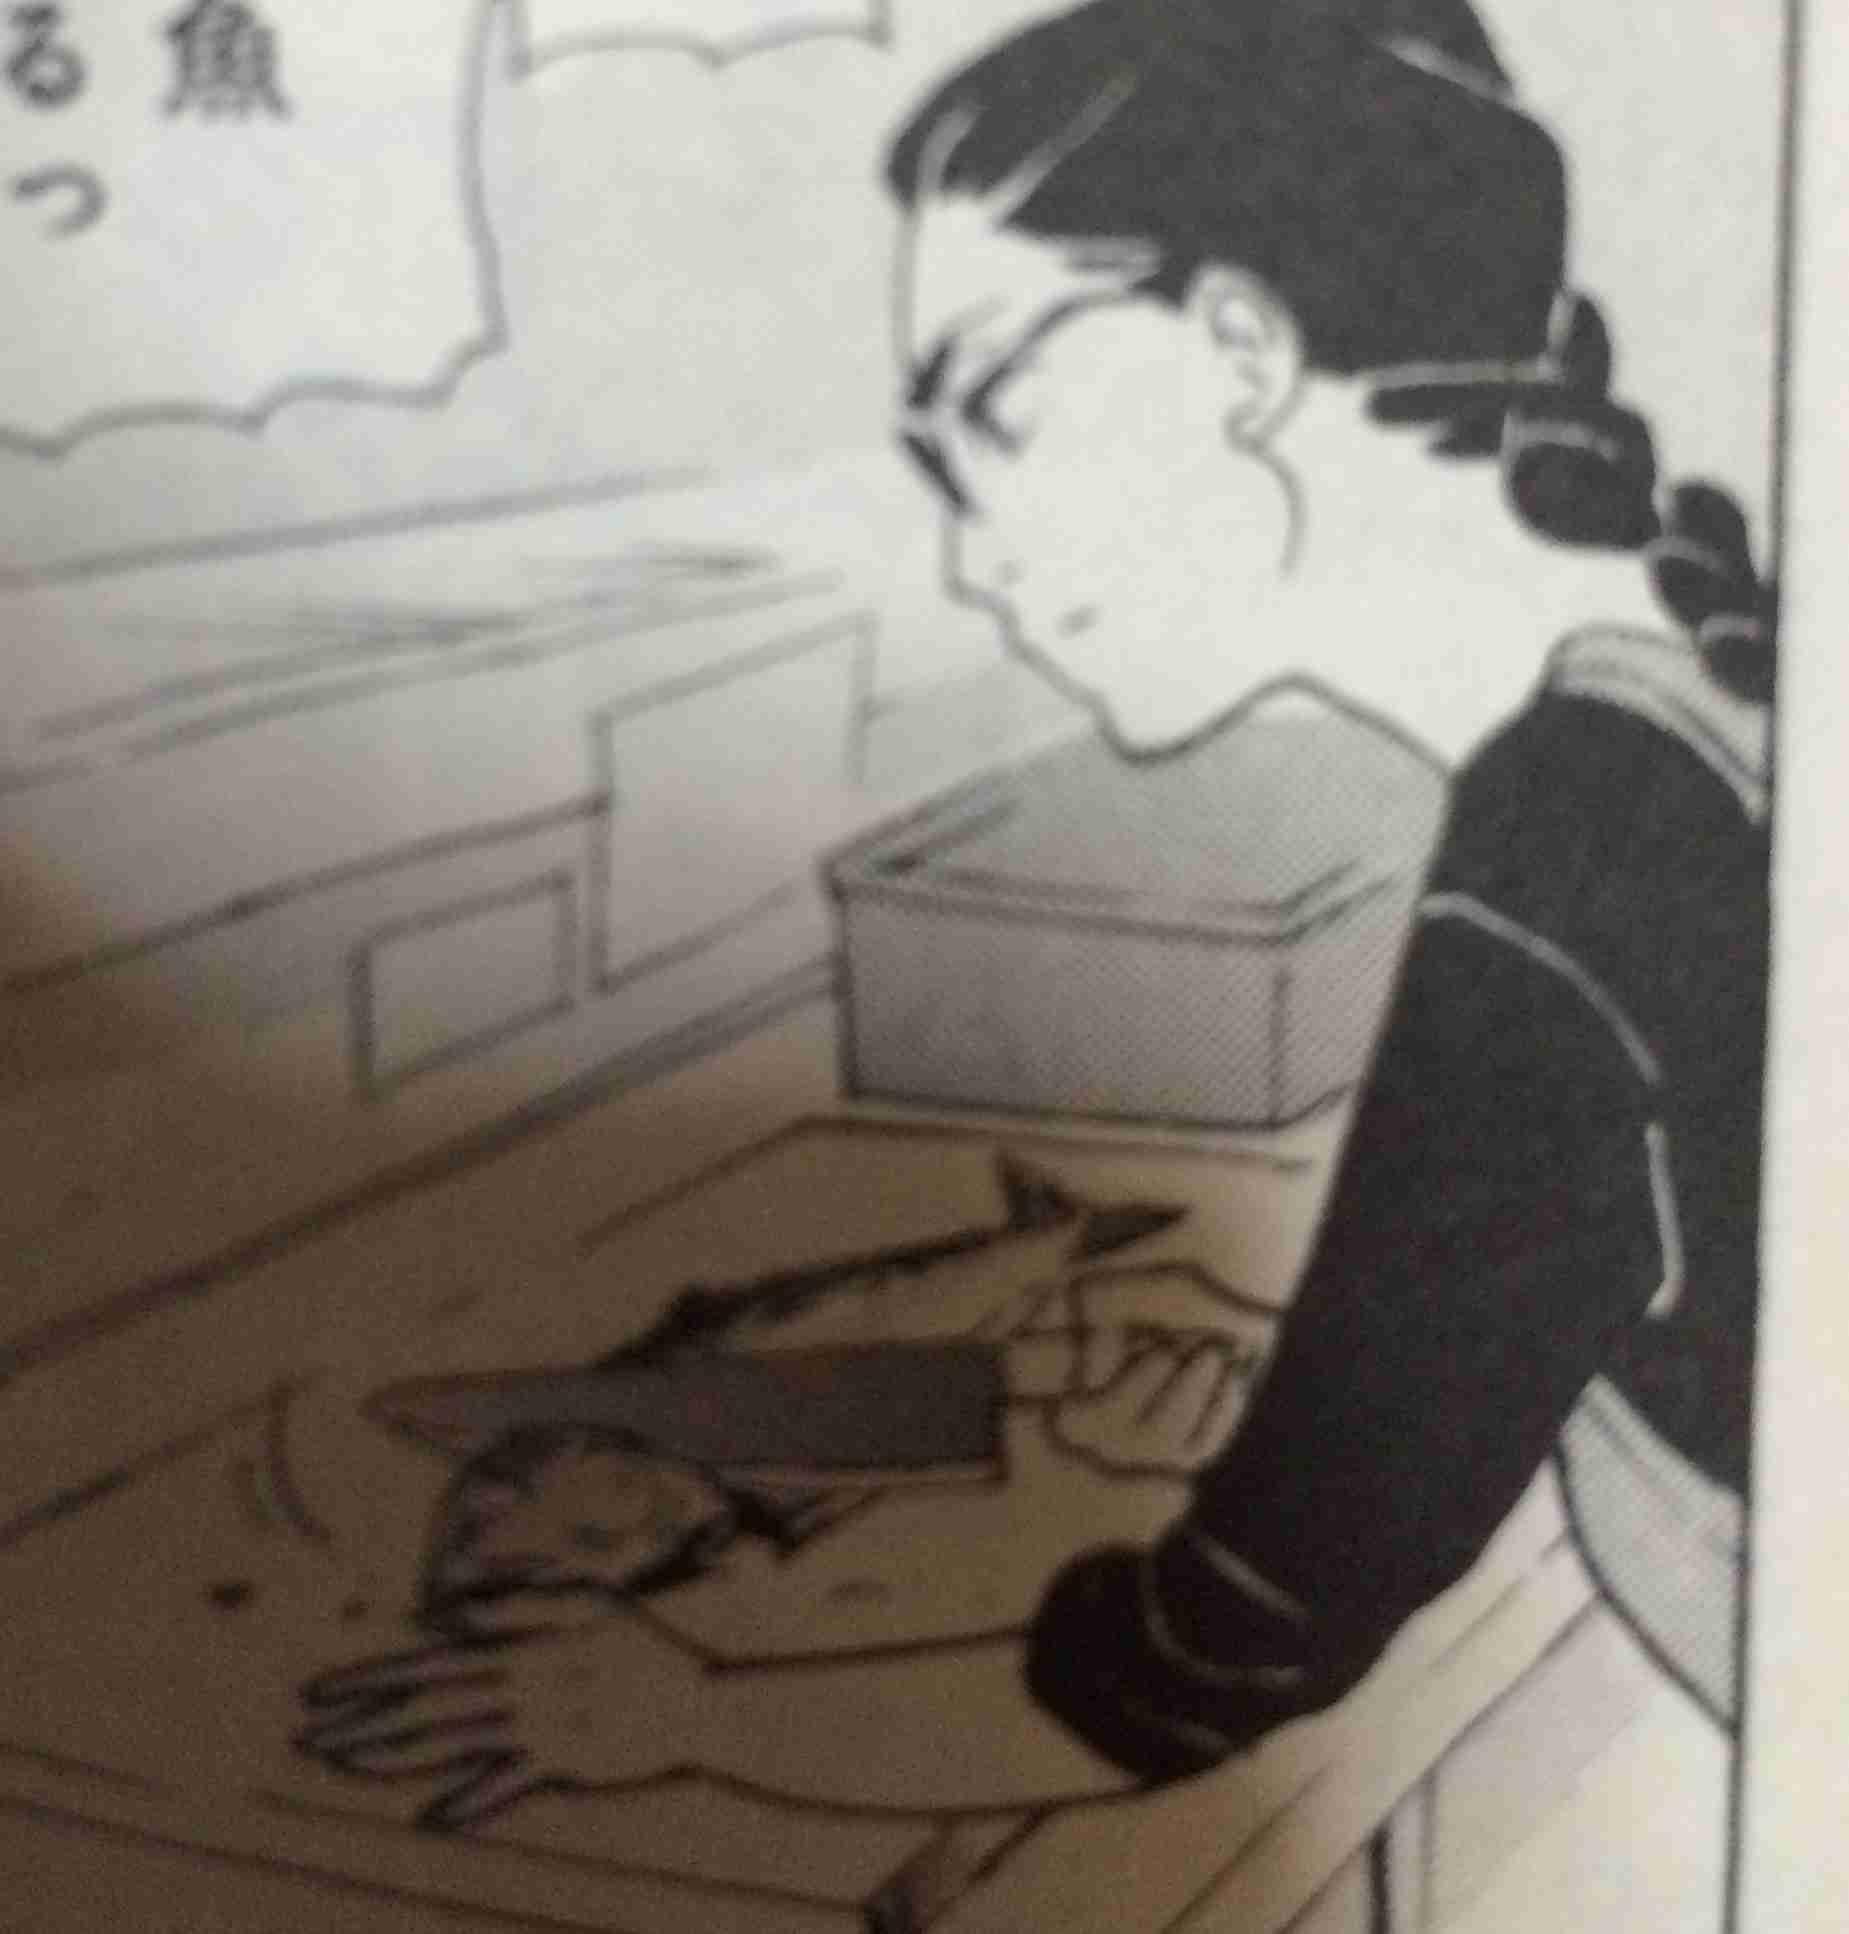 「東京タラレバ娘」を読んだことある方!